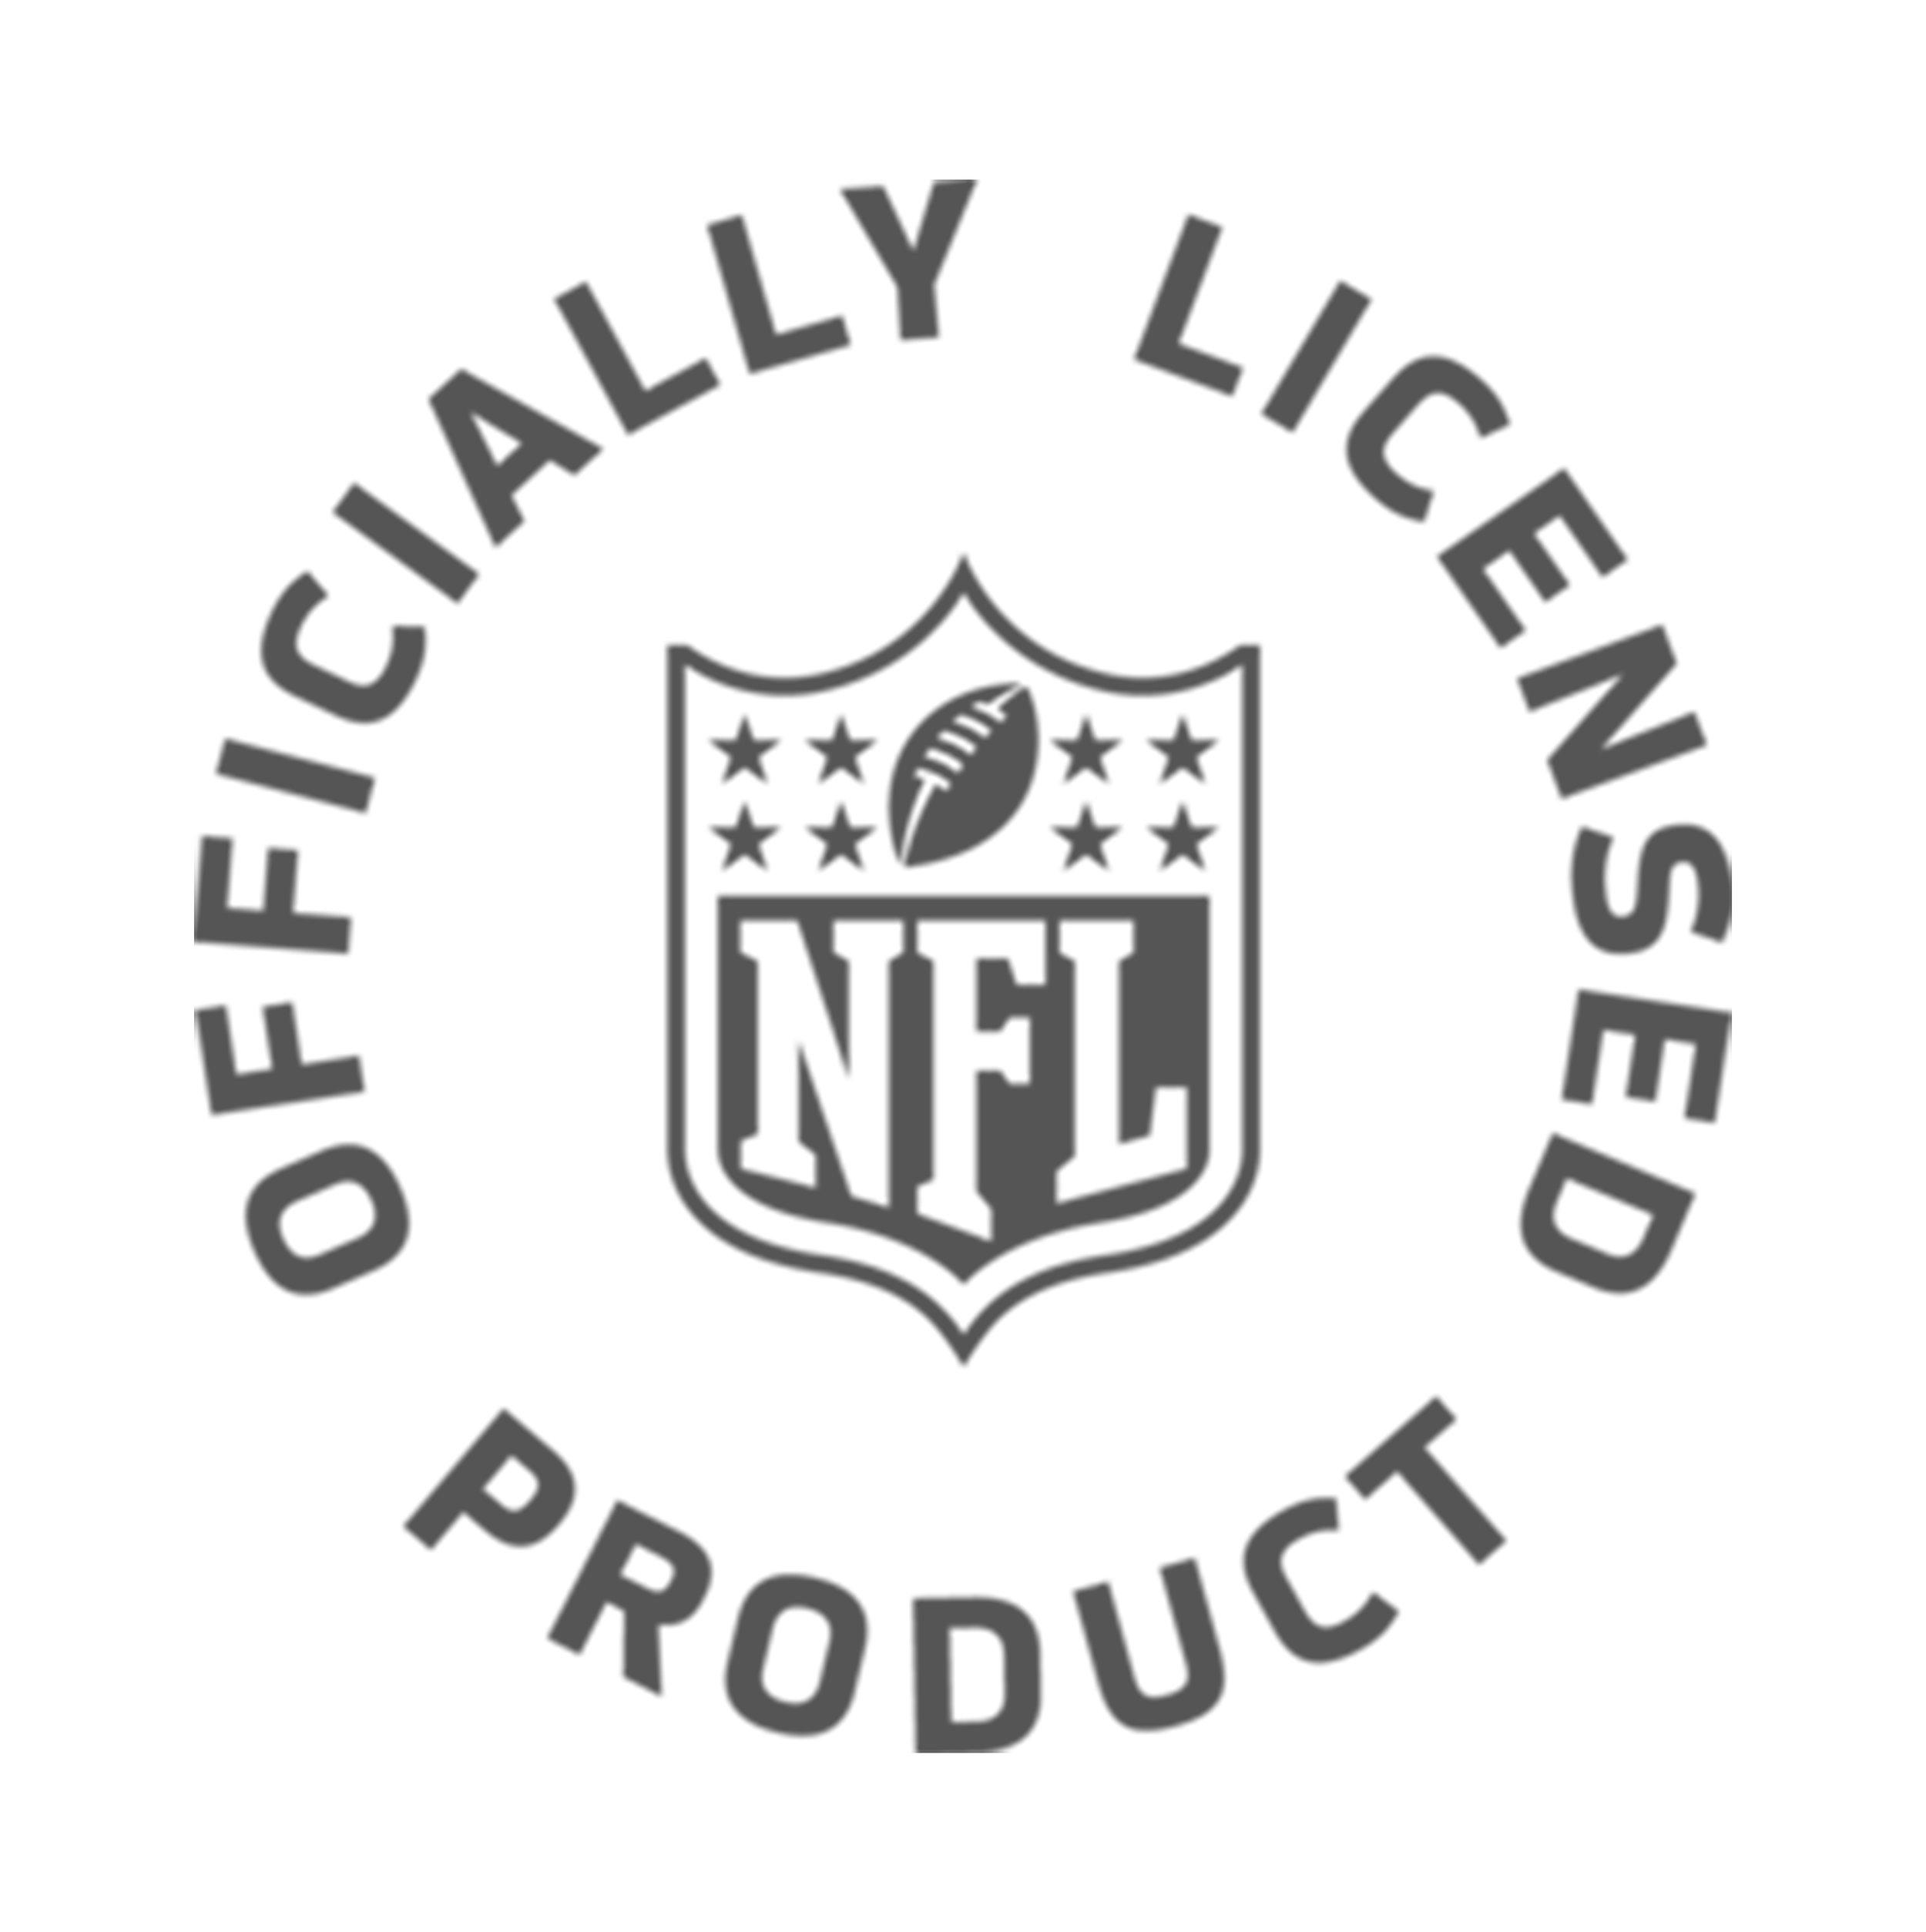 NFL_Gray.jpg